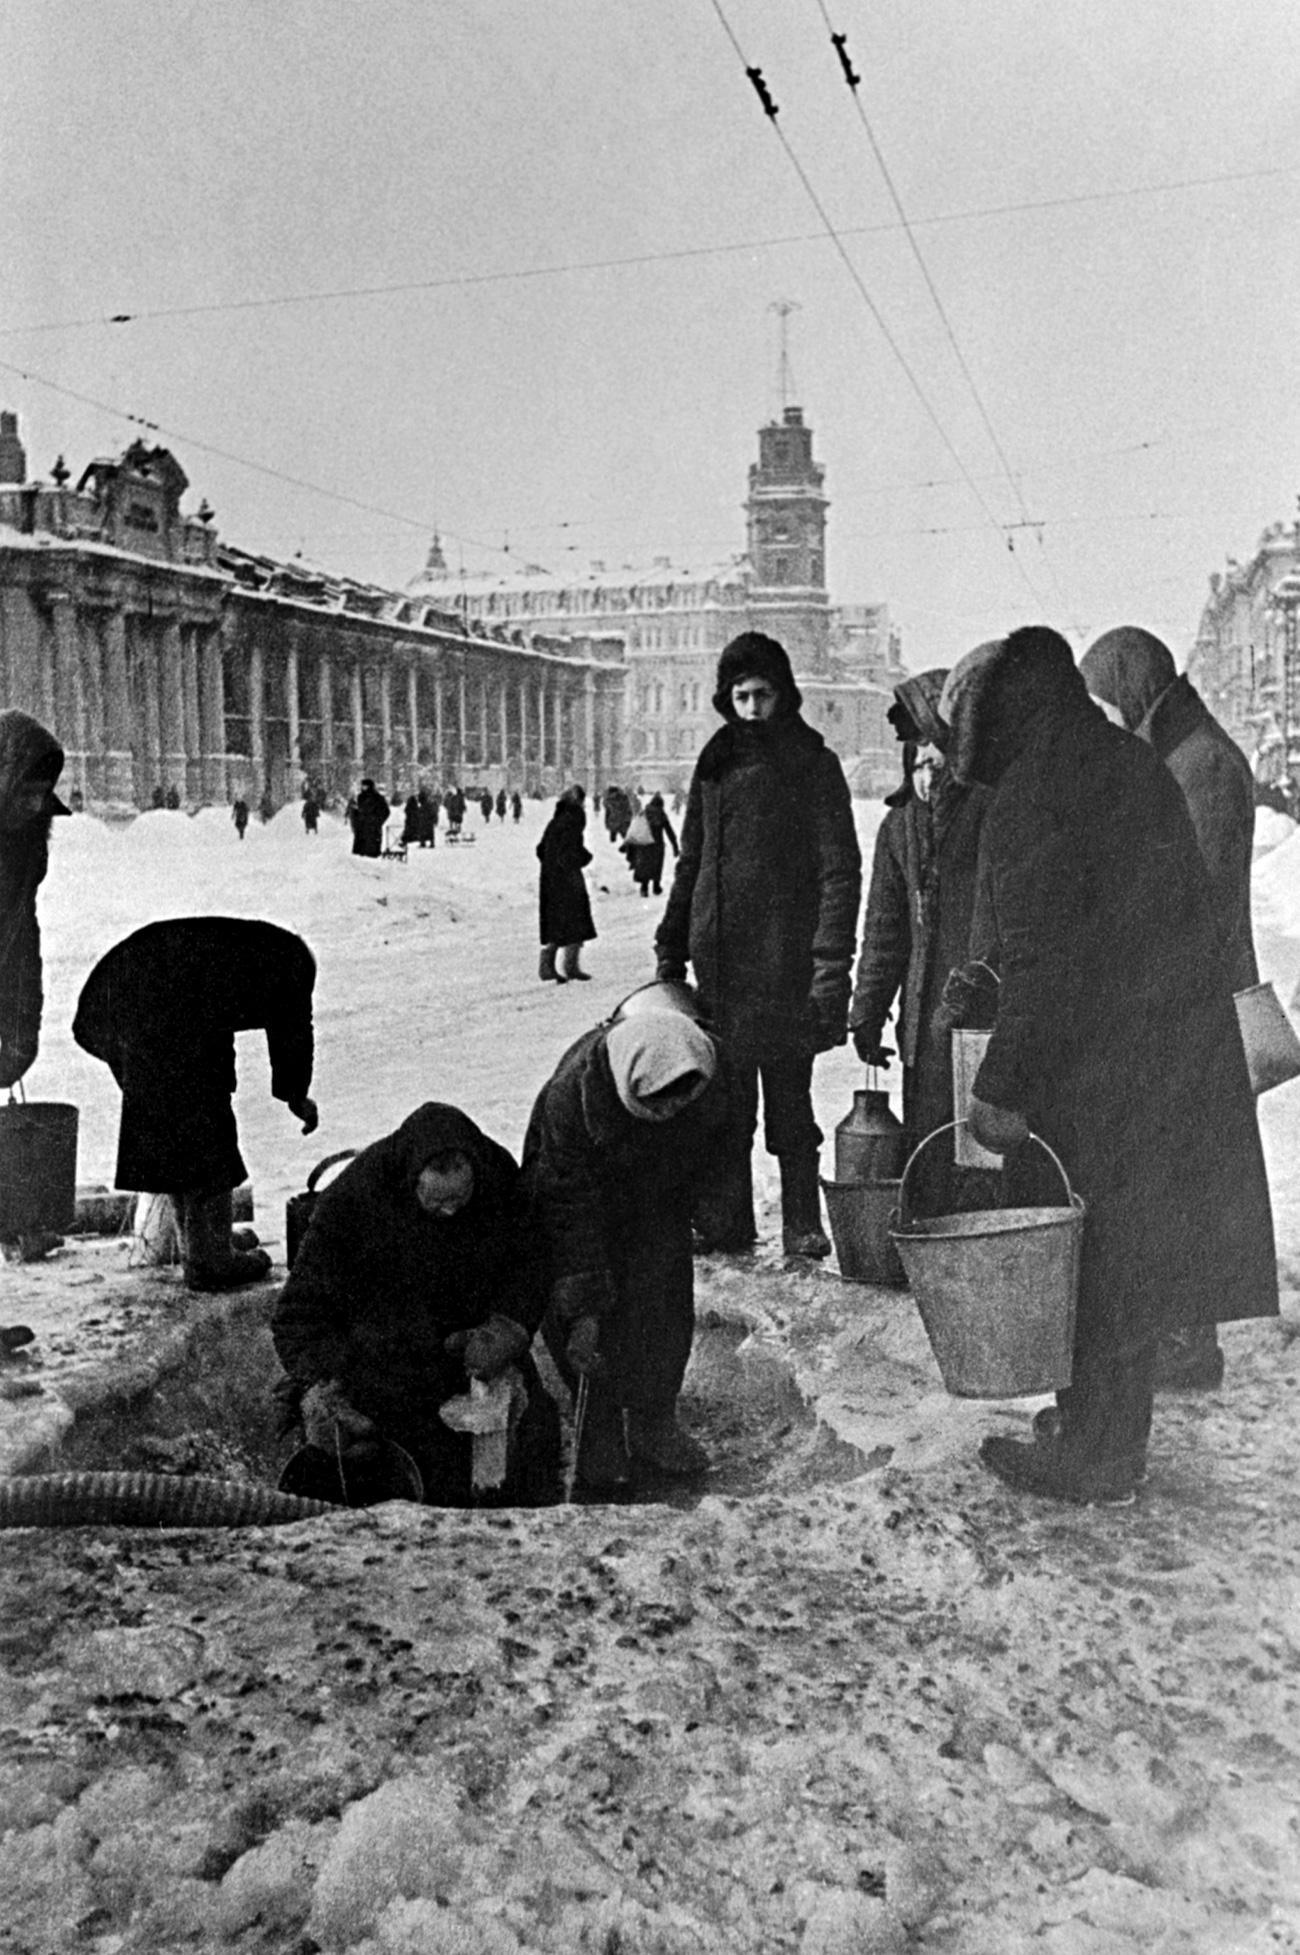 Gli abitanti di Leningrado erano costretti ad attingere l'acqua dalle buche nell'asfalto provocate sulla Prospettiva Nevskij dagli attacchi dell'artiglieria. Anche gli impianti di approvvigionamento idrico erano stati gravemente danneggiati